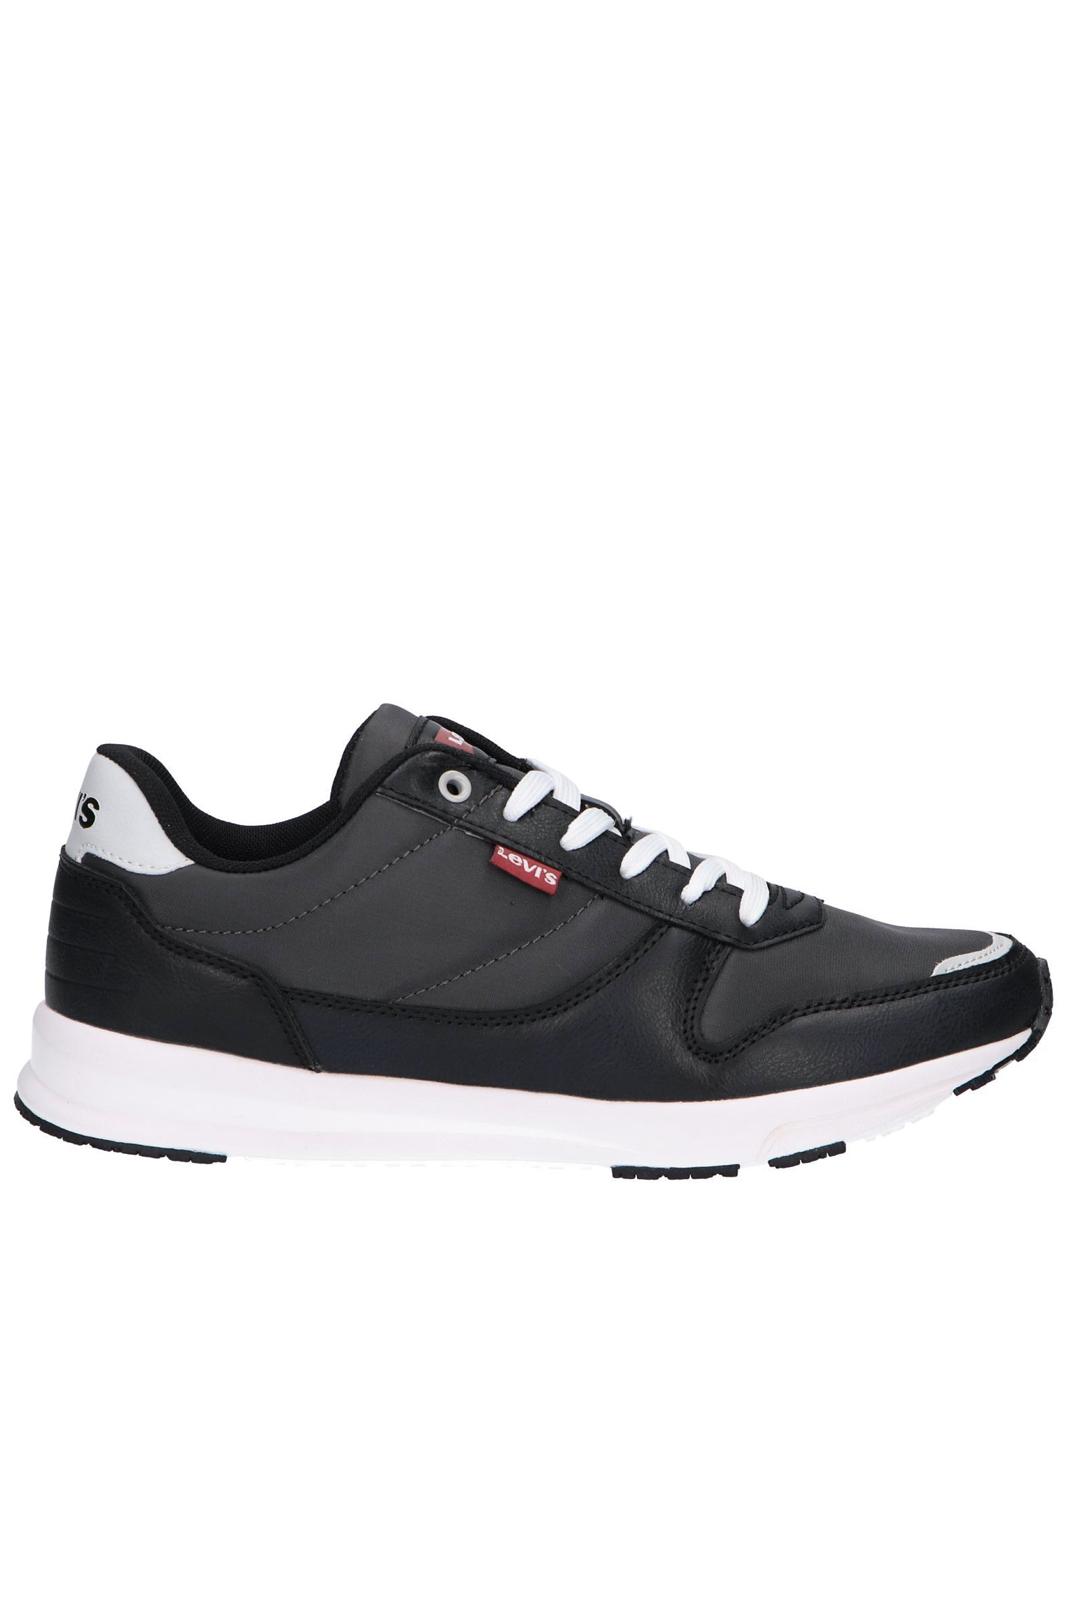 Chaussures de ville  Levi's BAYLOR 2 231541 EU 1920 59 BLACK